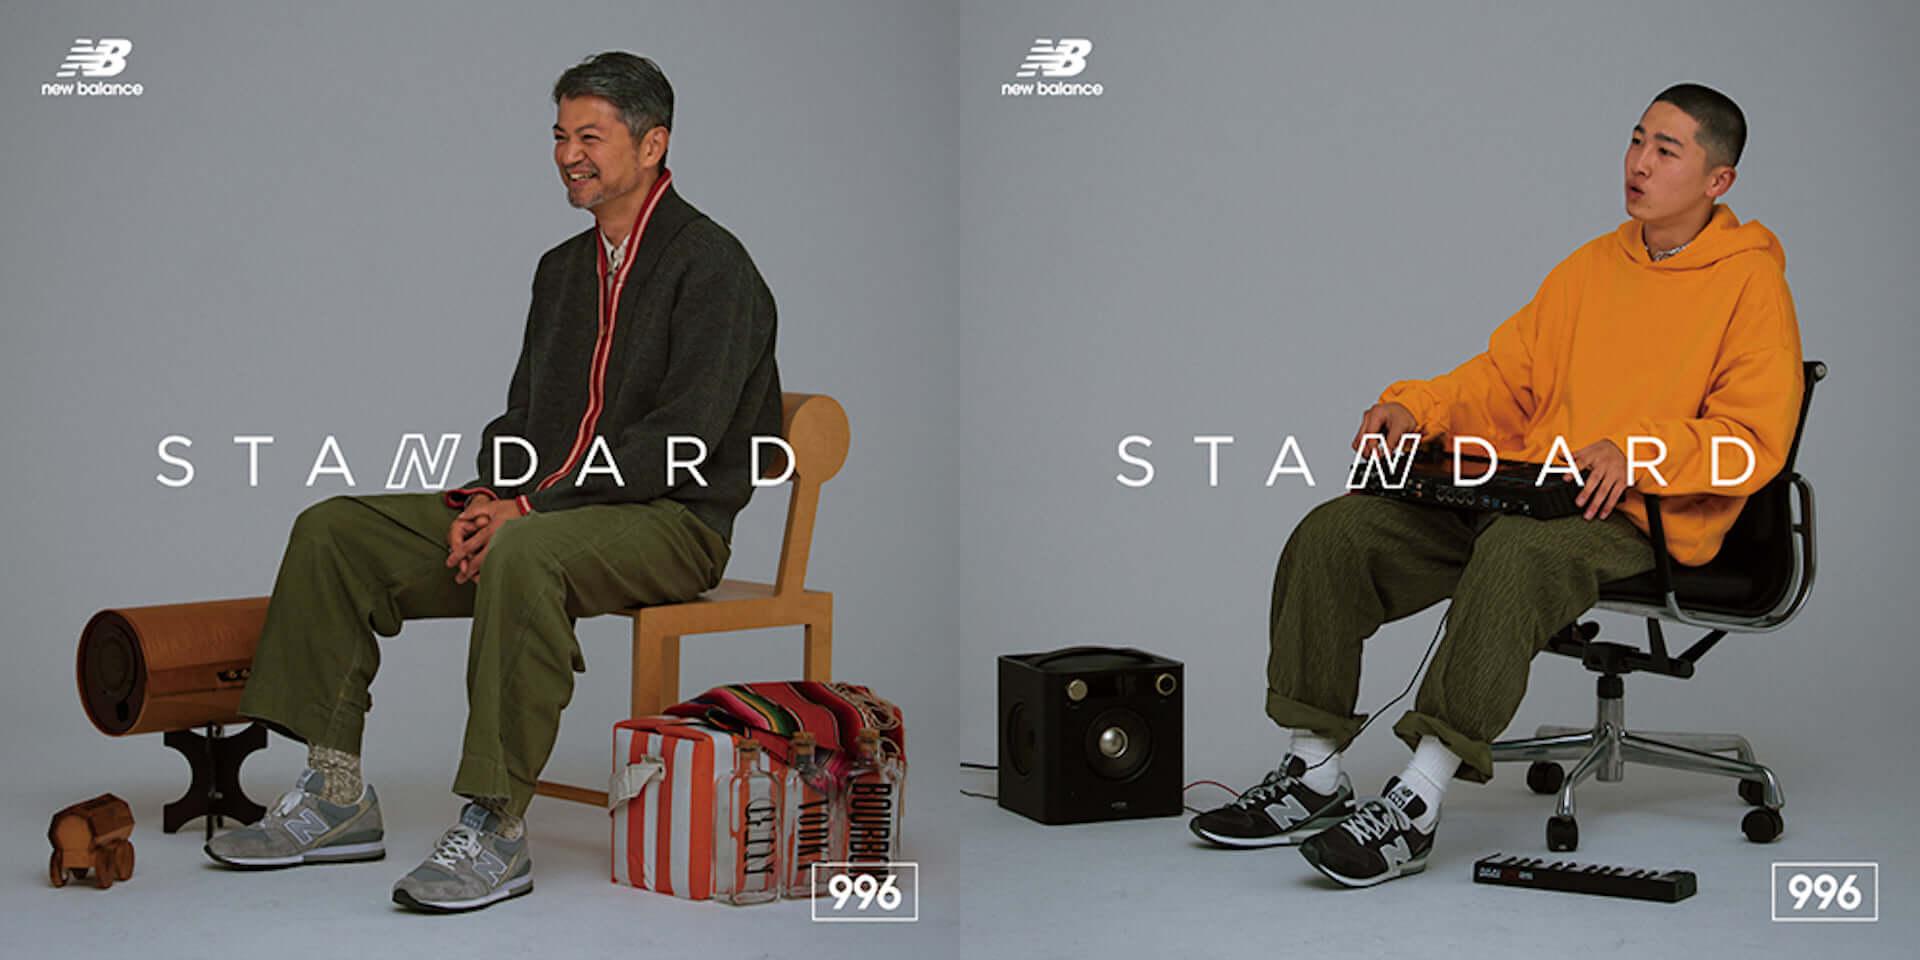 ニューバランス、究極のスタンダード「996」から定番カラーが登場 十人十色のスタンダードスタイルを表現したクリエイティブも公開 life190807_newbalance_996_2-1920x960